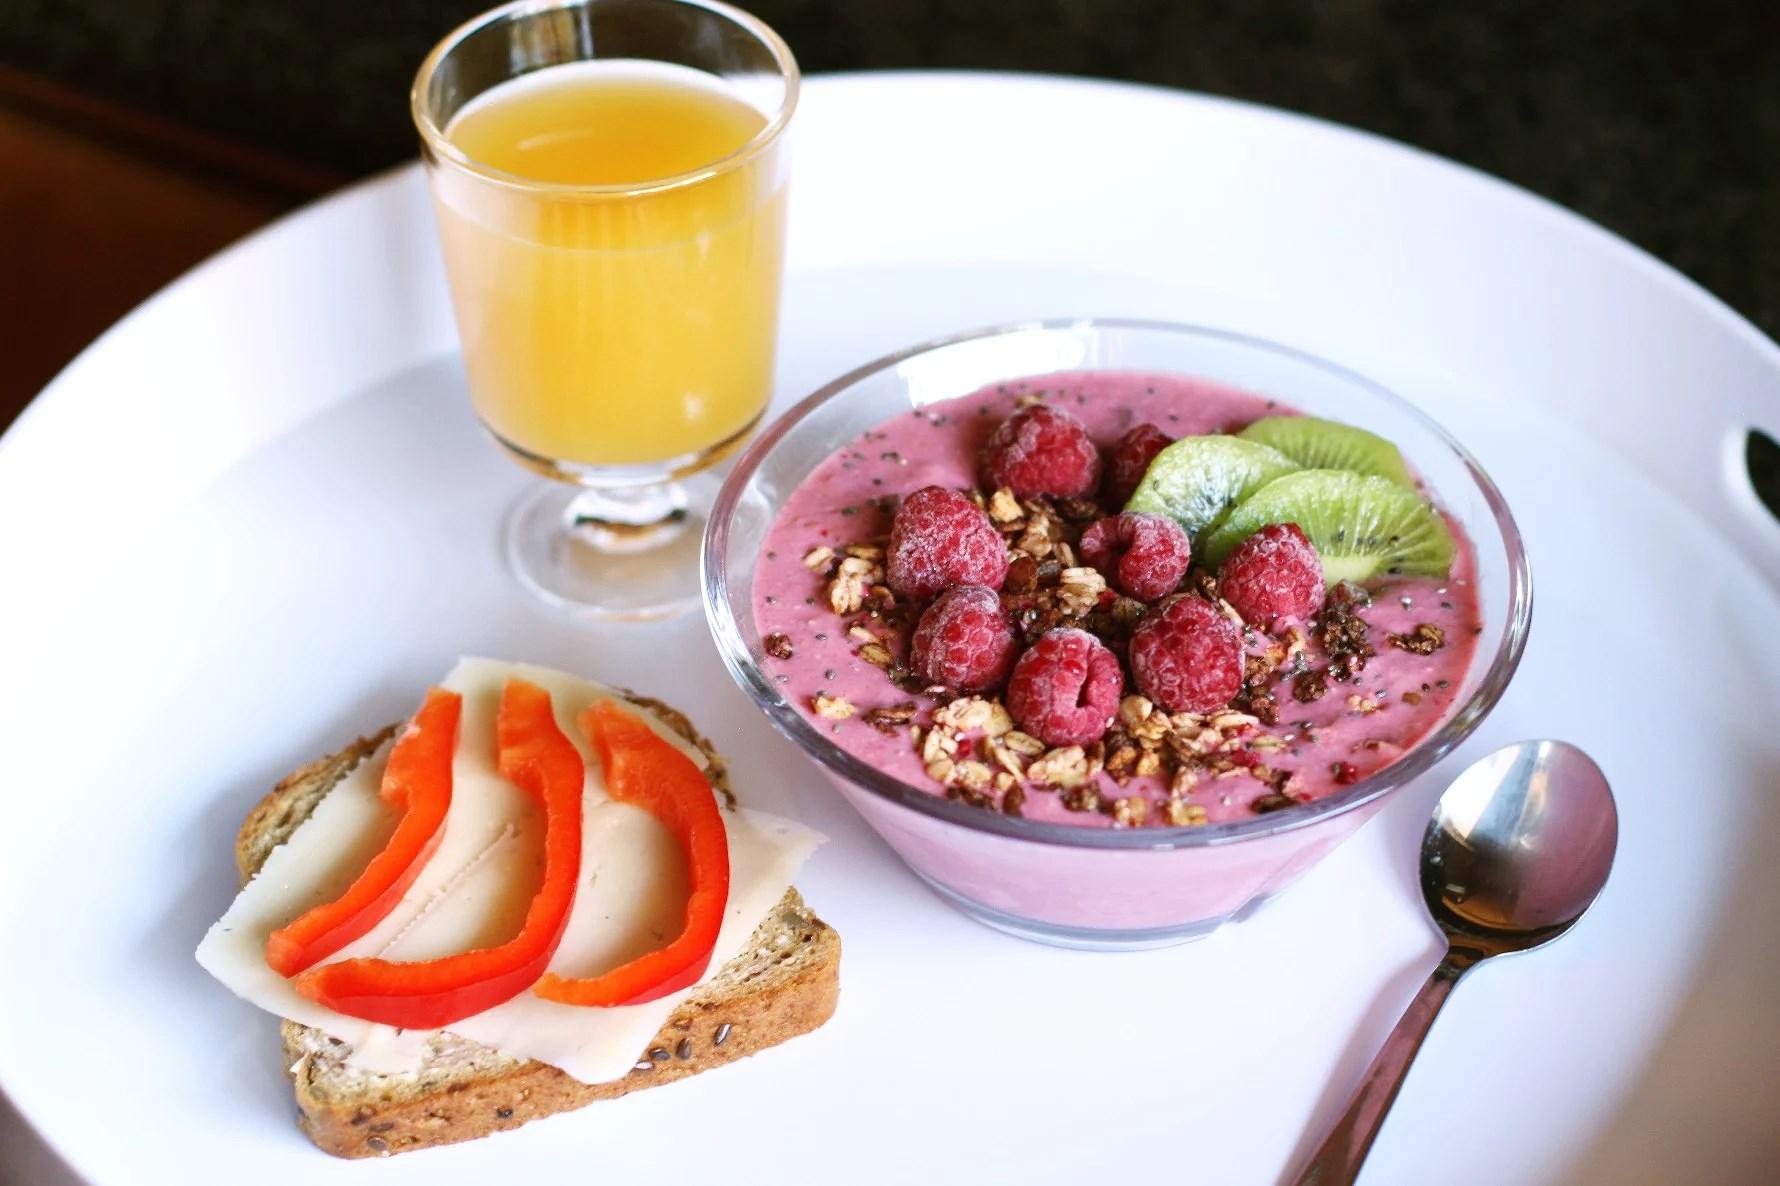 Söndag, frukost och plugg